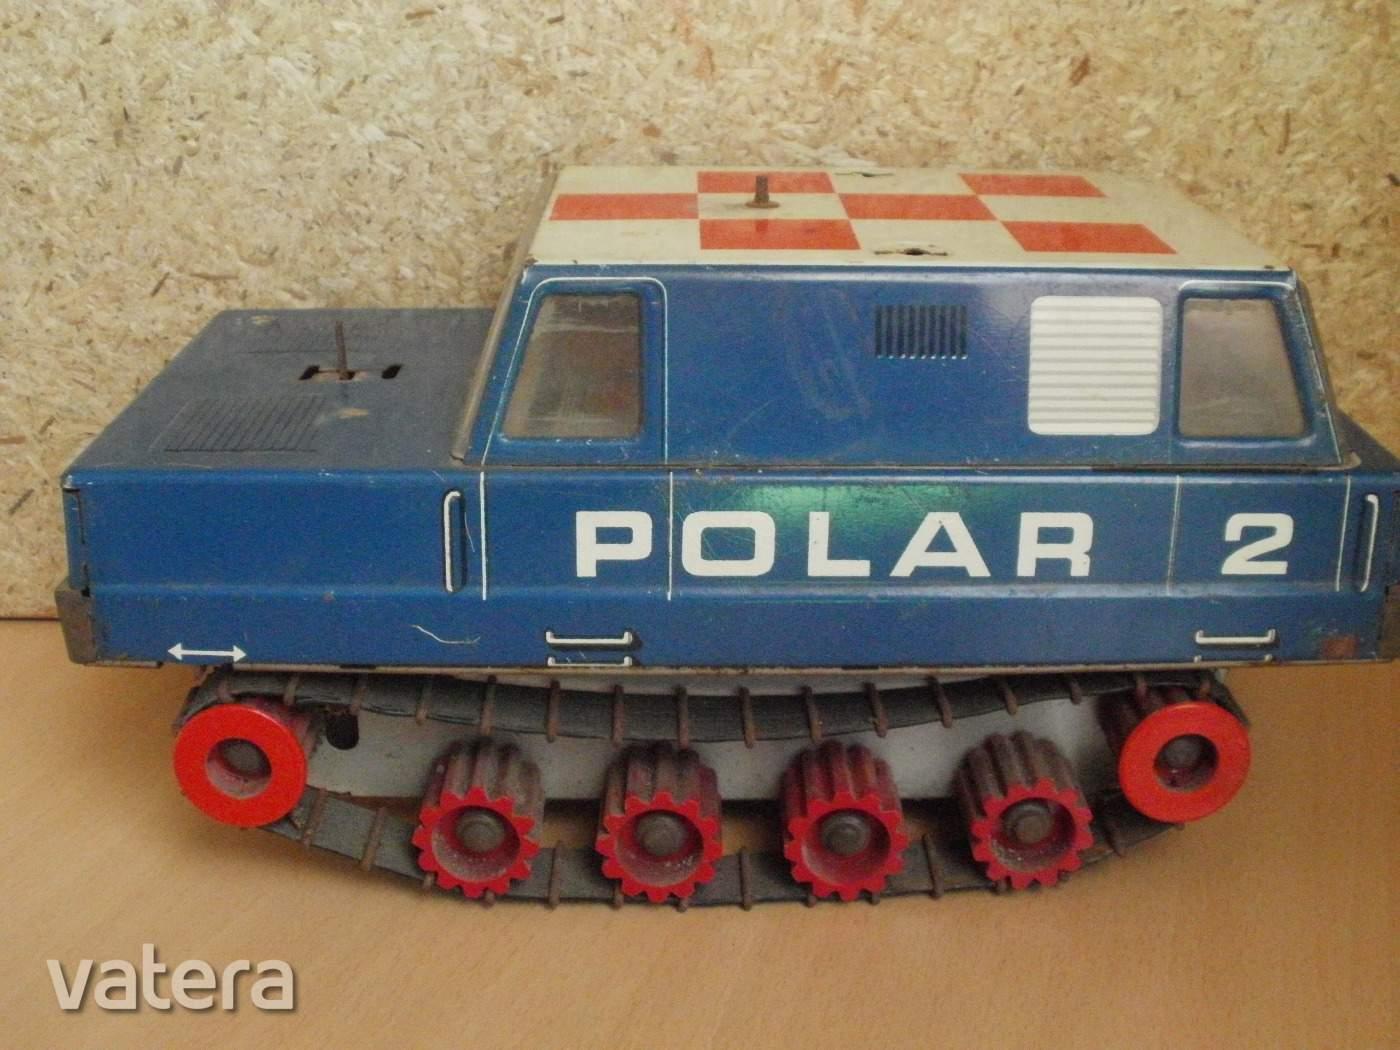 polar-2-felderito-jarmu-retro-darab-3c2b_1_big.jpg